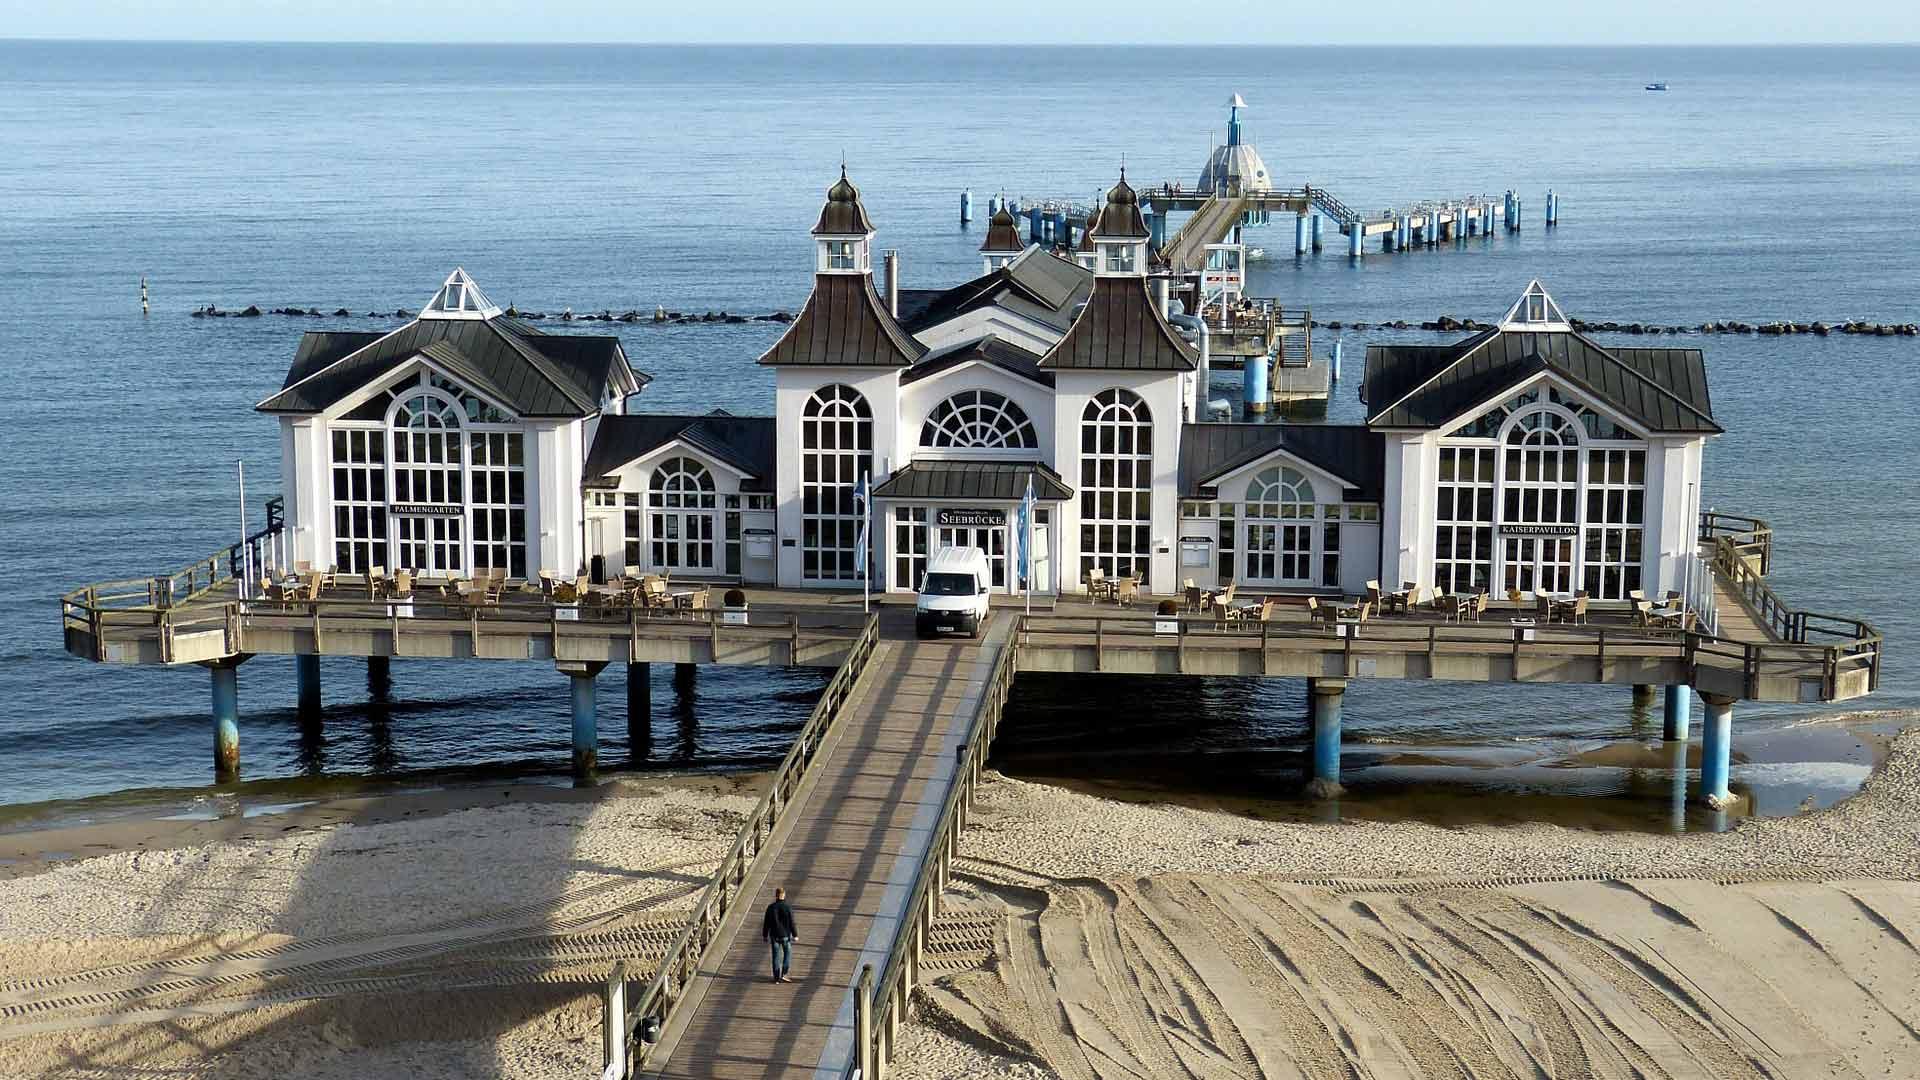 De pier van Sellin op Rügen is waarschijnlijk de allermooiste aan de Oostzee.